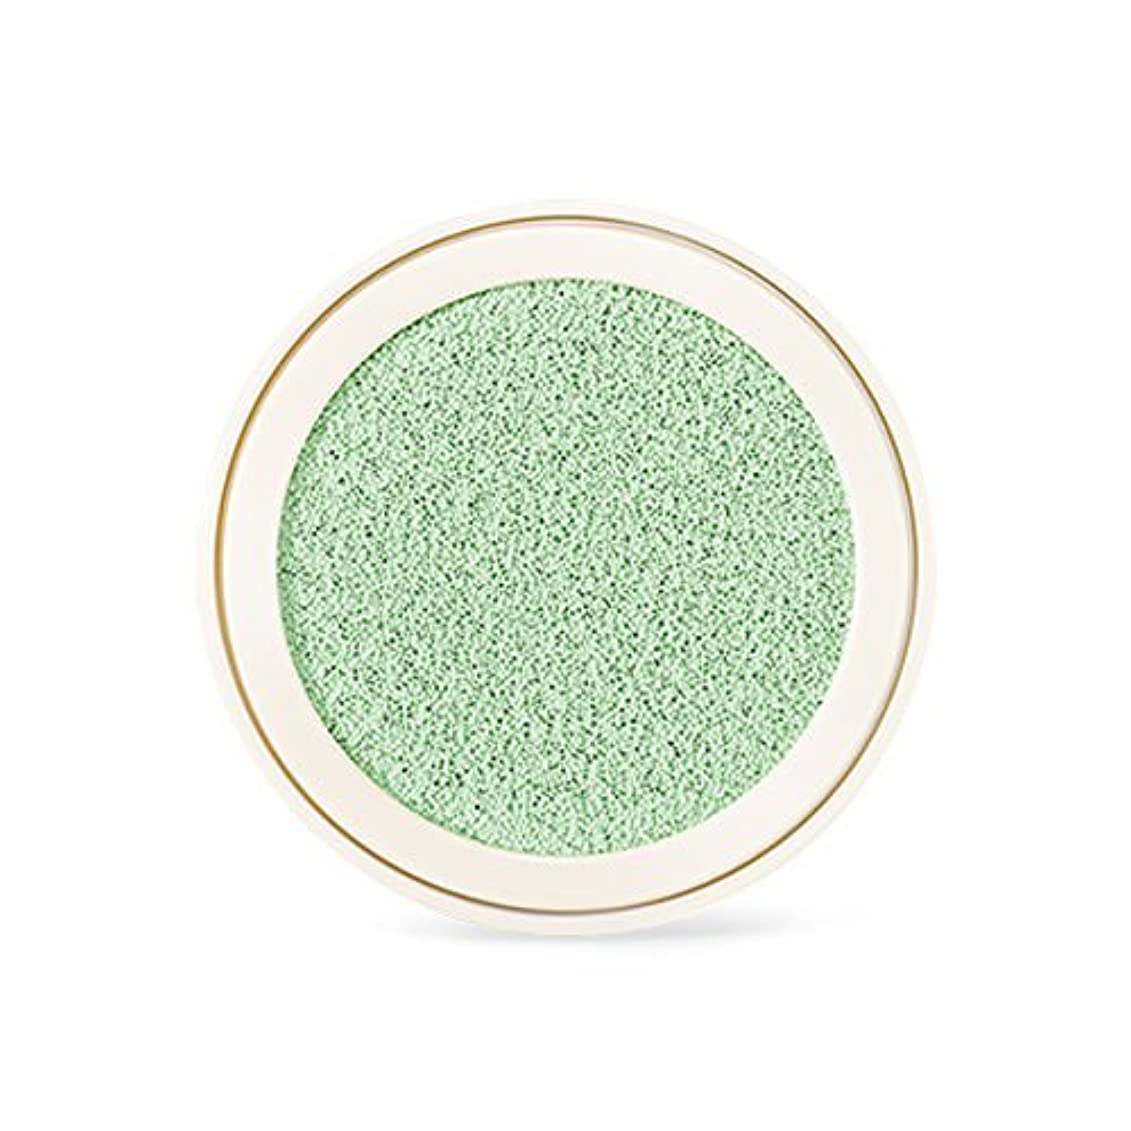 バラエティ瞬時に気候innisfree [My Cushion] No-sebum Correcting Cushion (Refill) 14g/イニスフリー [マイクッション] ノーシーバム コレクティング クッション (リフィル) 14g (#3 Vanilla Green) [並行輸入品]